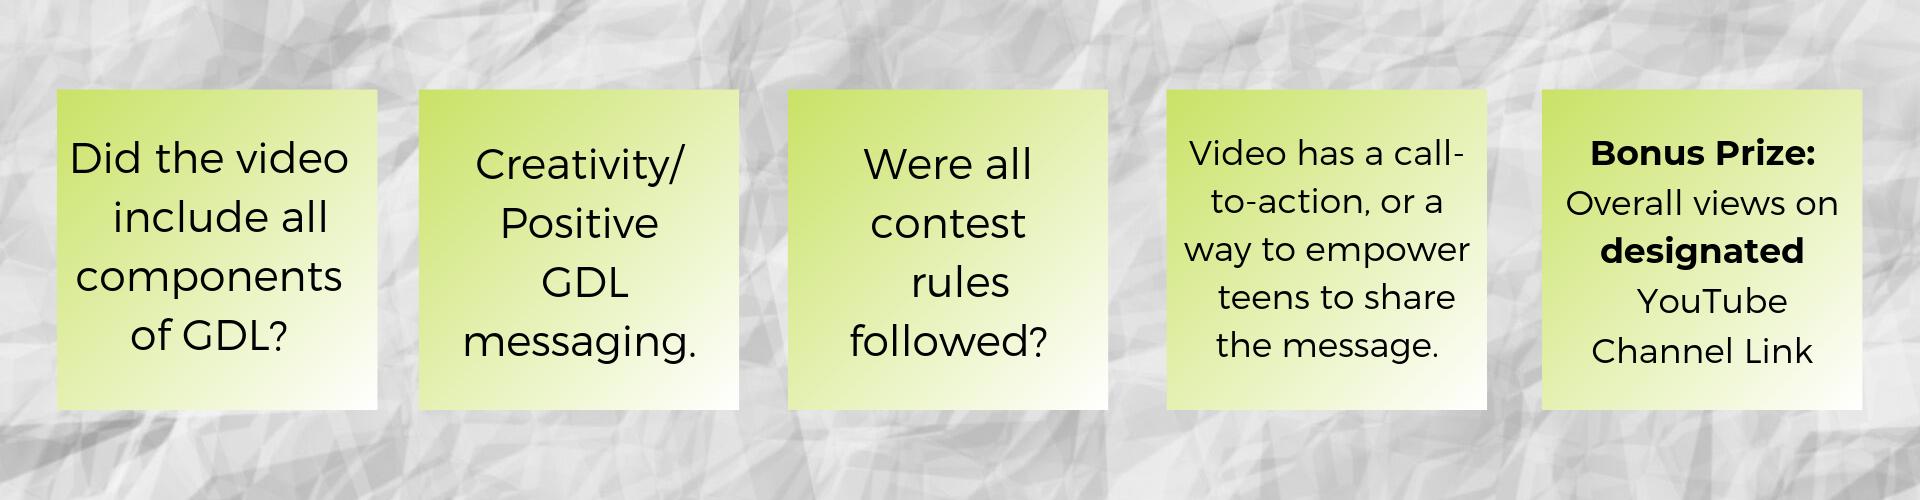 official contest judging criteria